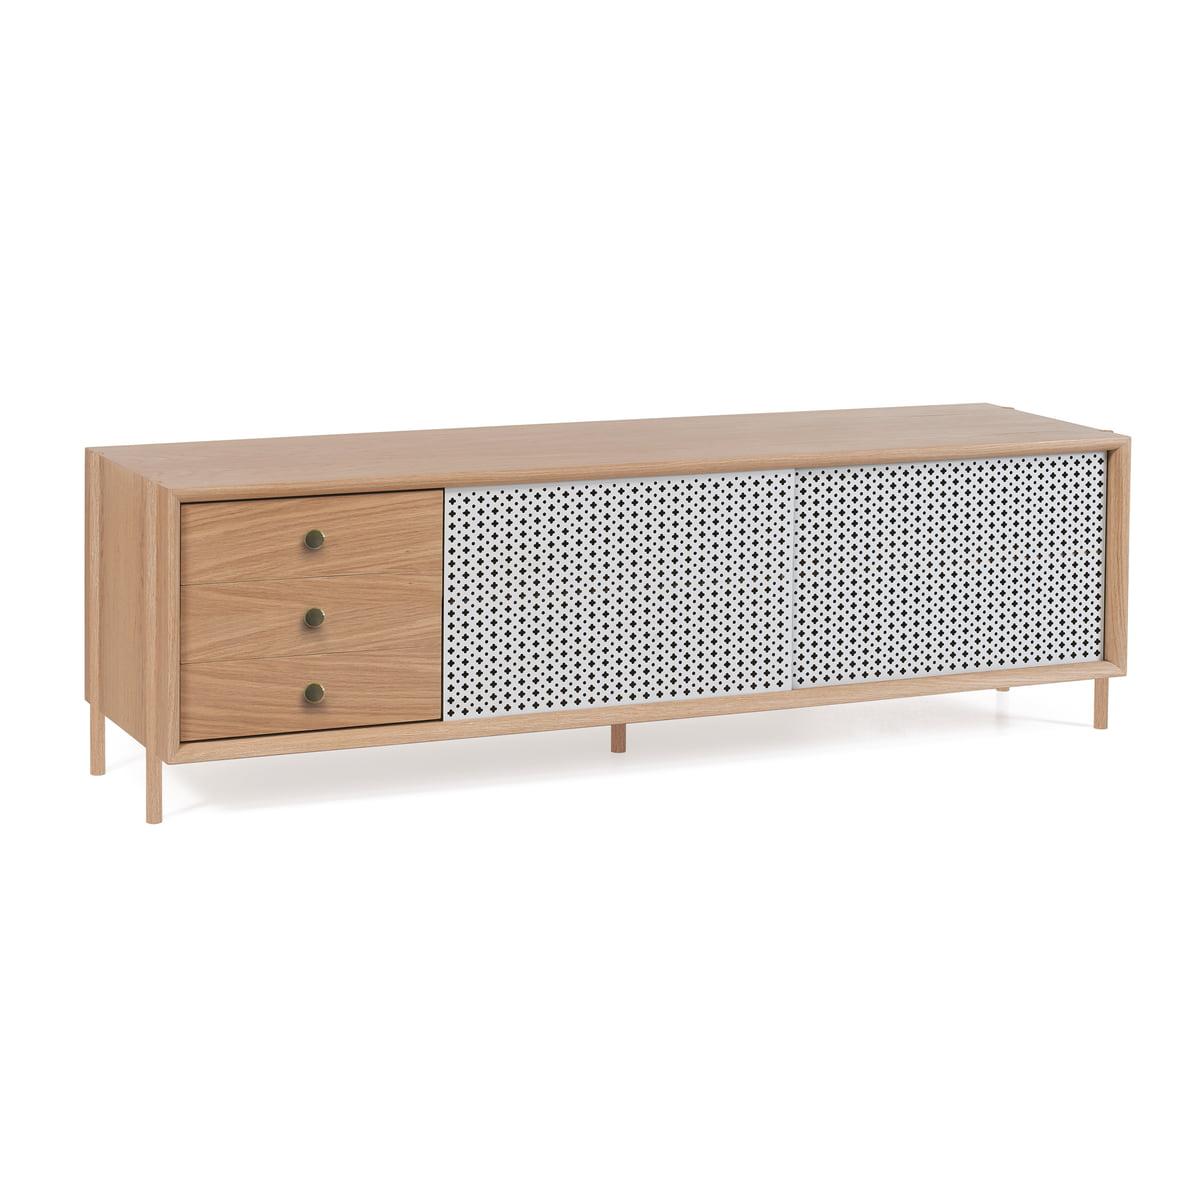 mit schublade mit schublade with mit schublade cheap couchtisch turin mit schublade und. Black Bedroom Furniture Sets. Home Design Ideas